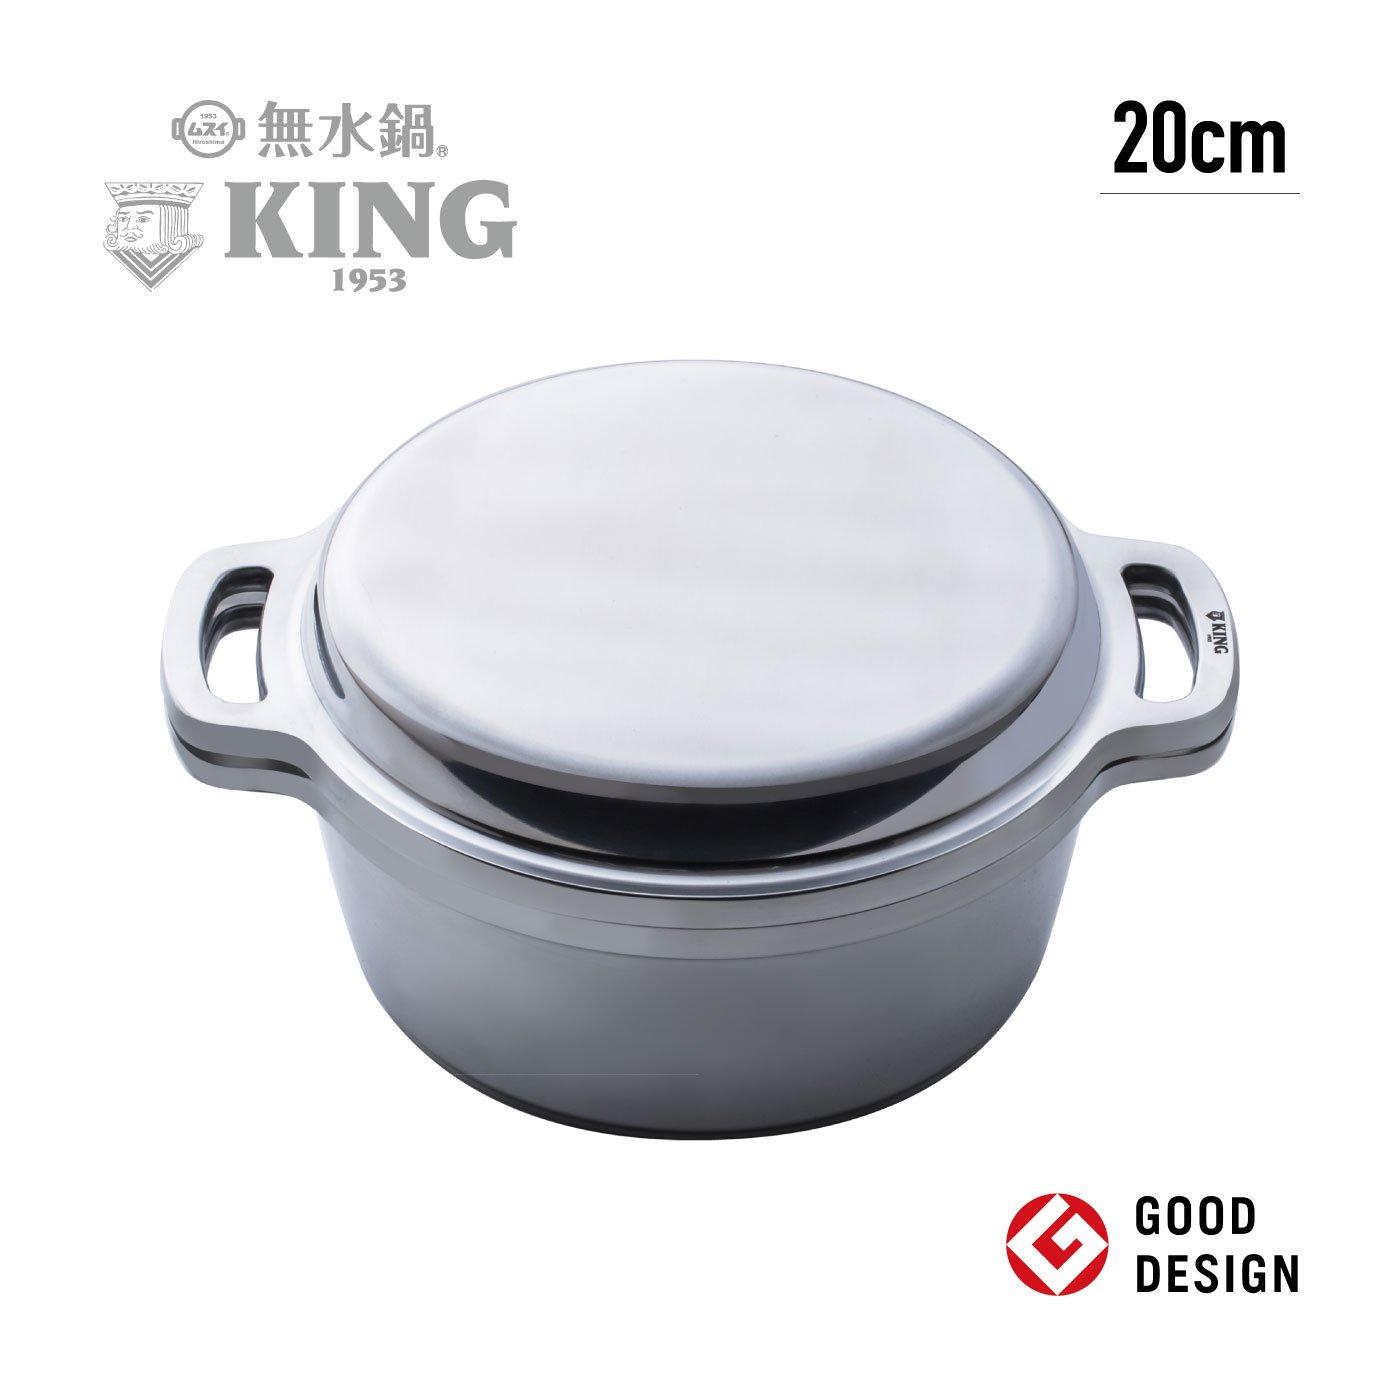 料理も、人も水入らず 時代を超えて受け継がれる KING無水鍋(R)20cm